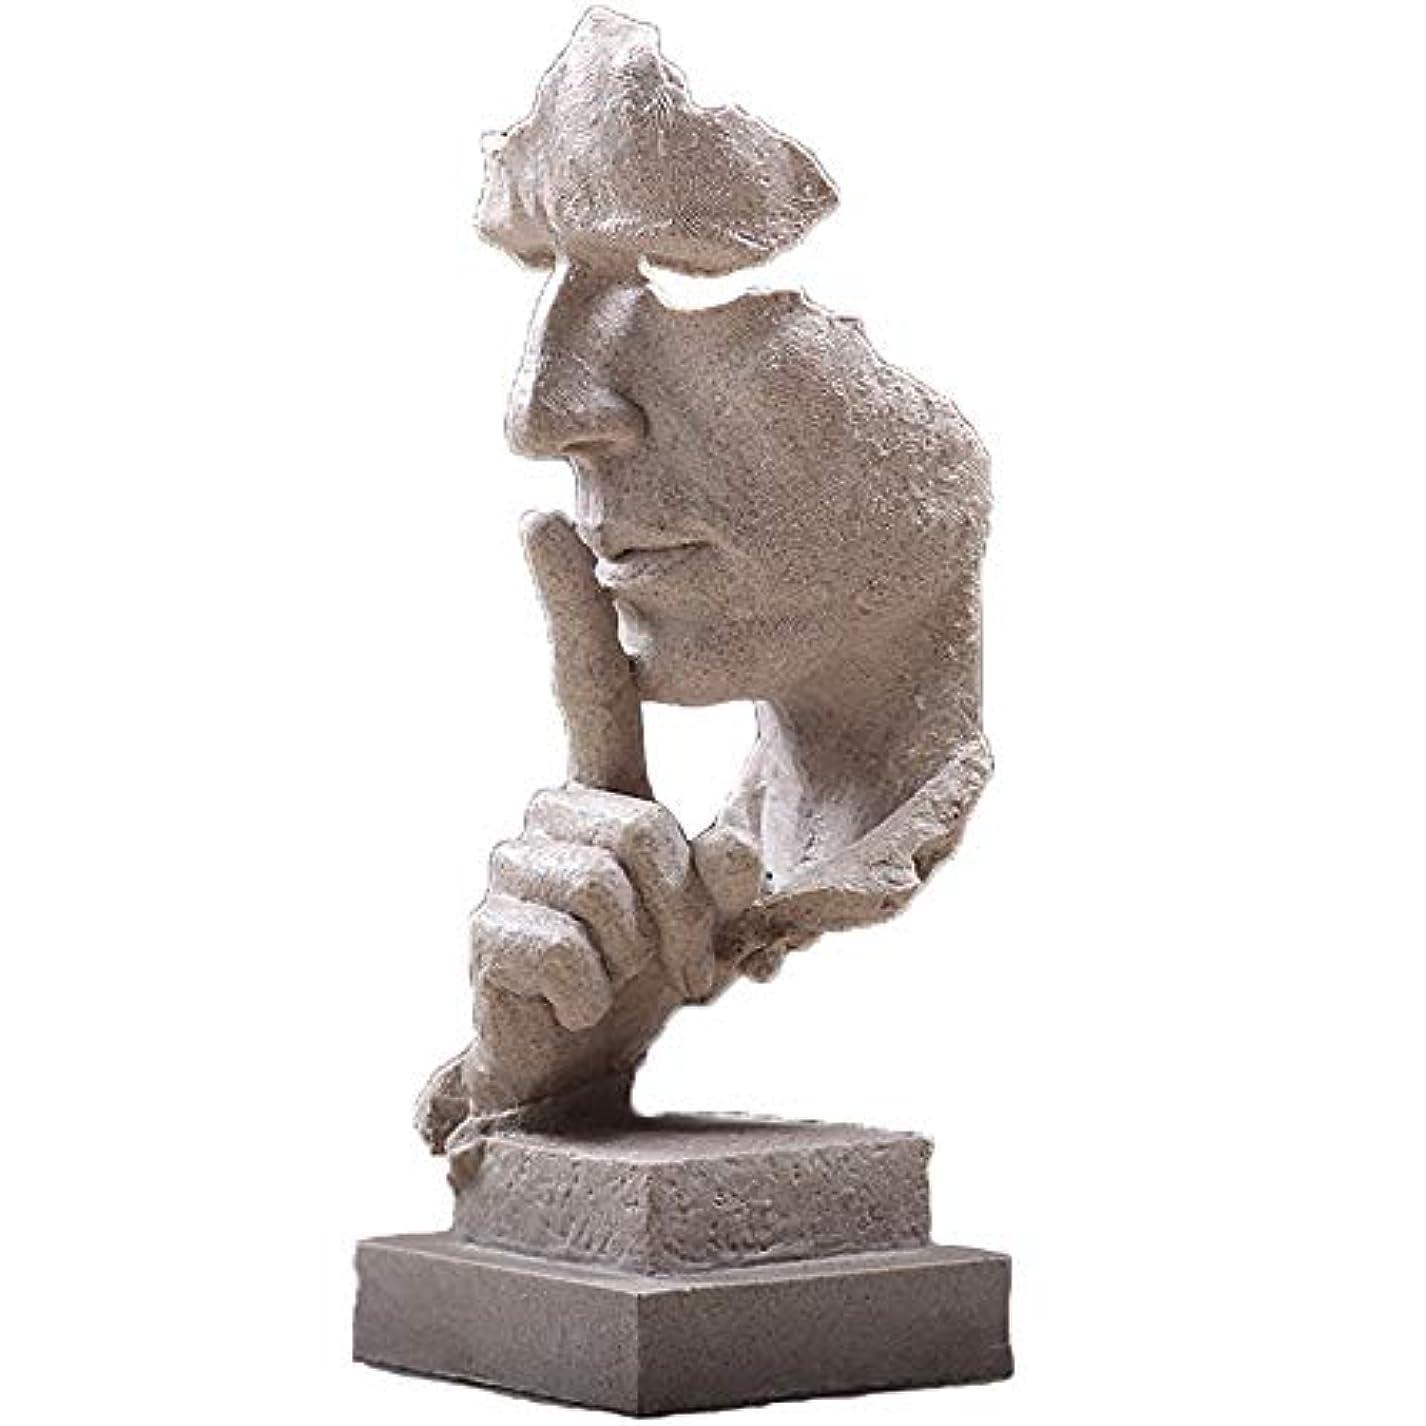 ジャンクション動作ミッション樹脂抽象彫刻沈黙はゴールデン男性像キャラクター工芸品装飾用オフィスリビングルームアートワーク,White